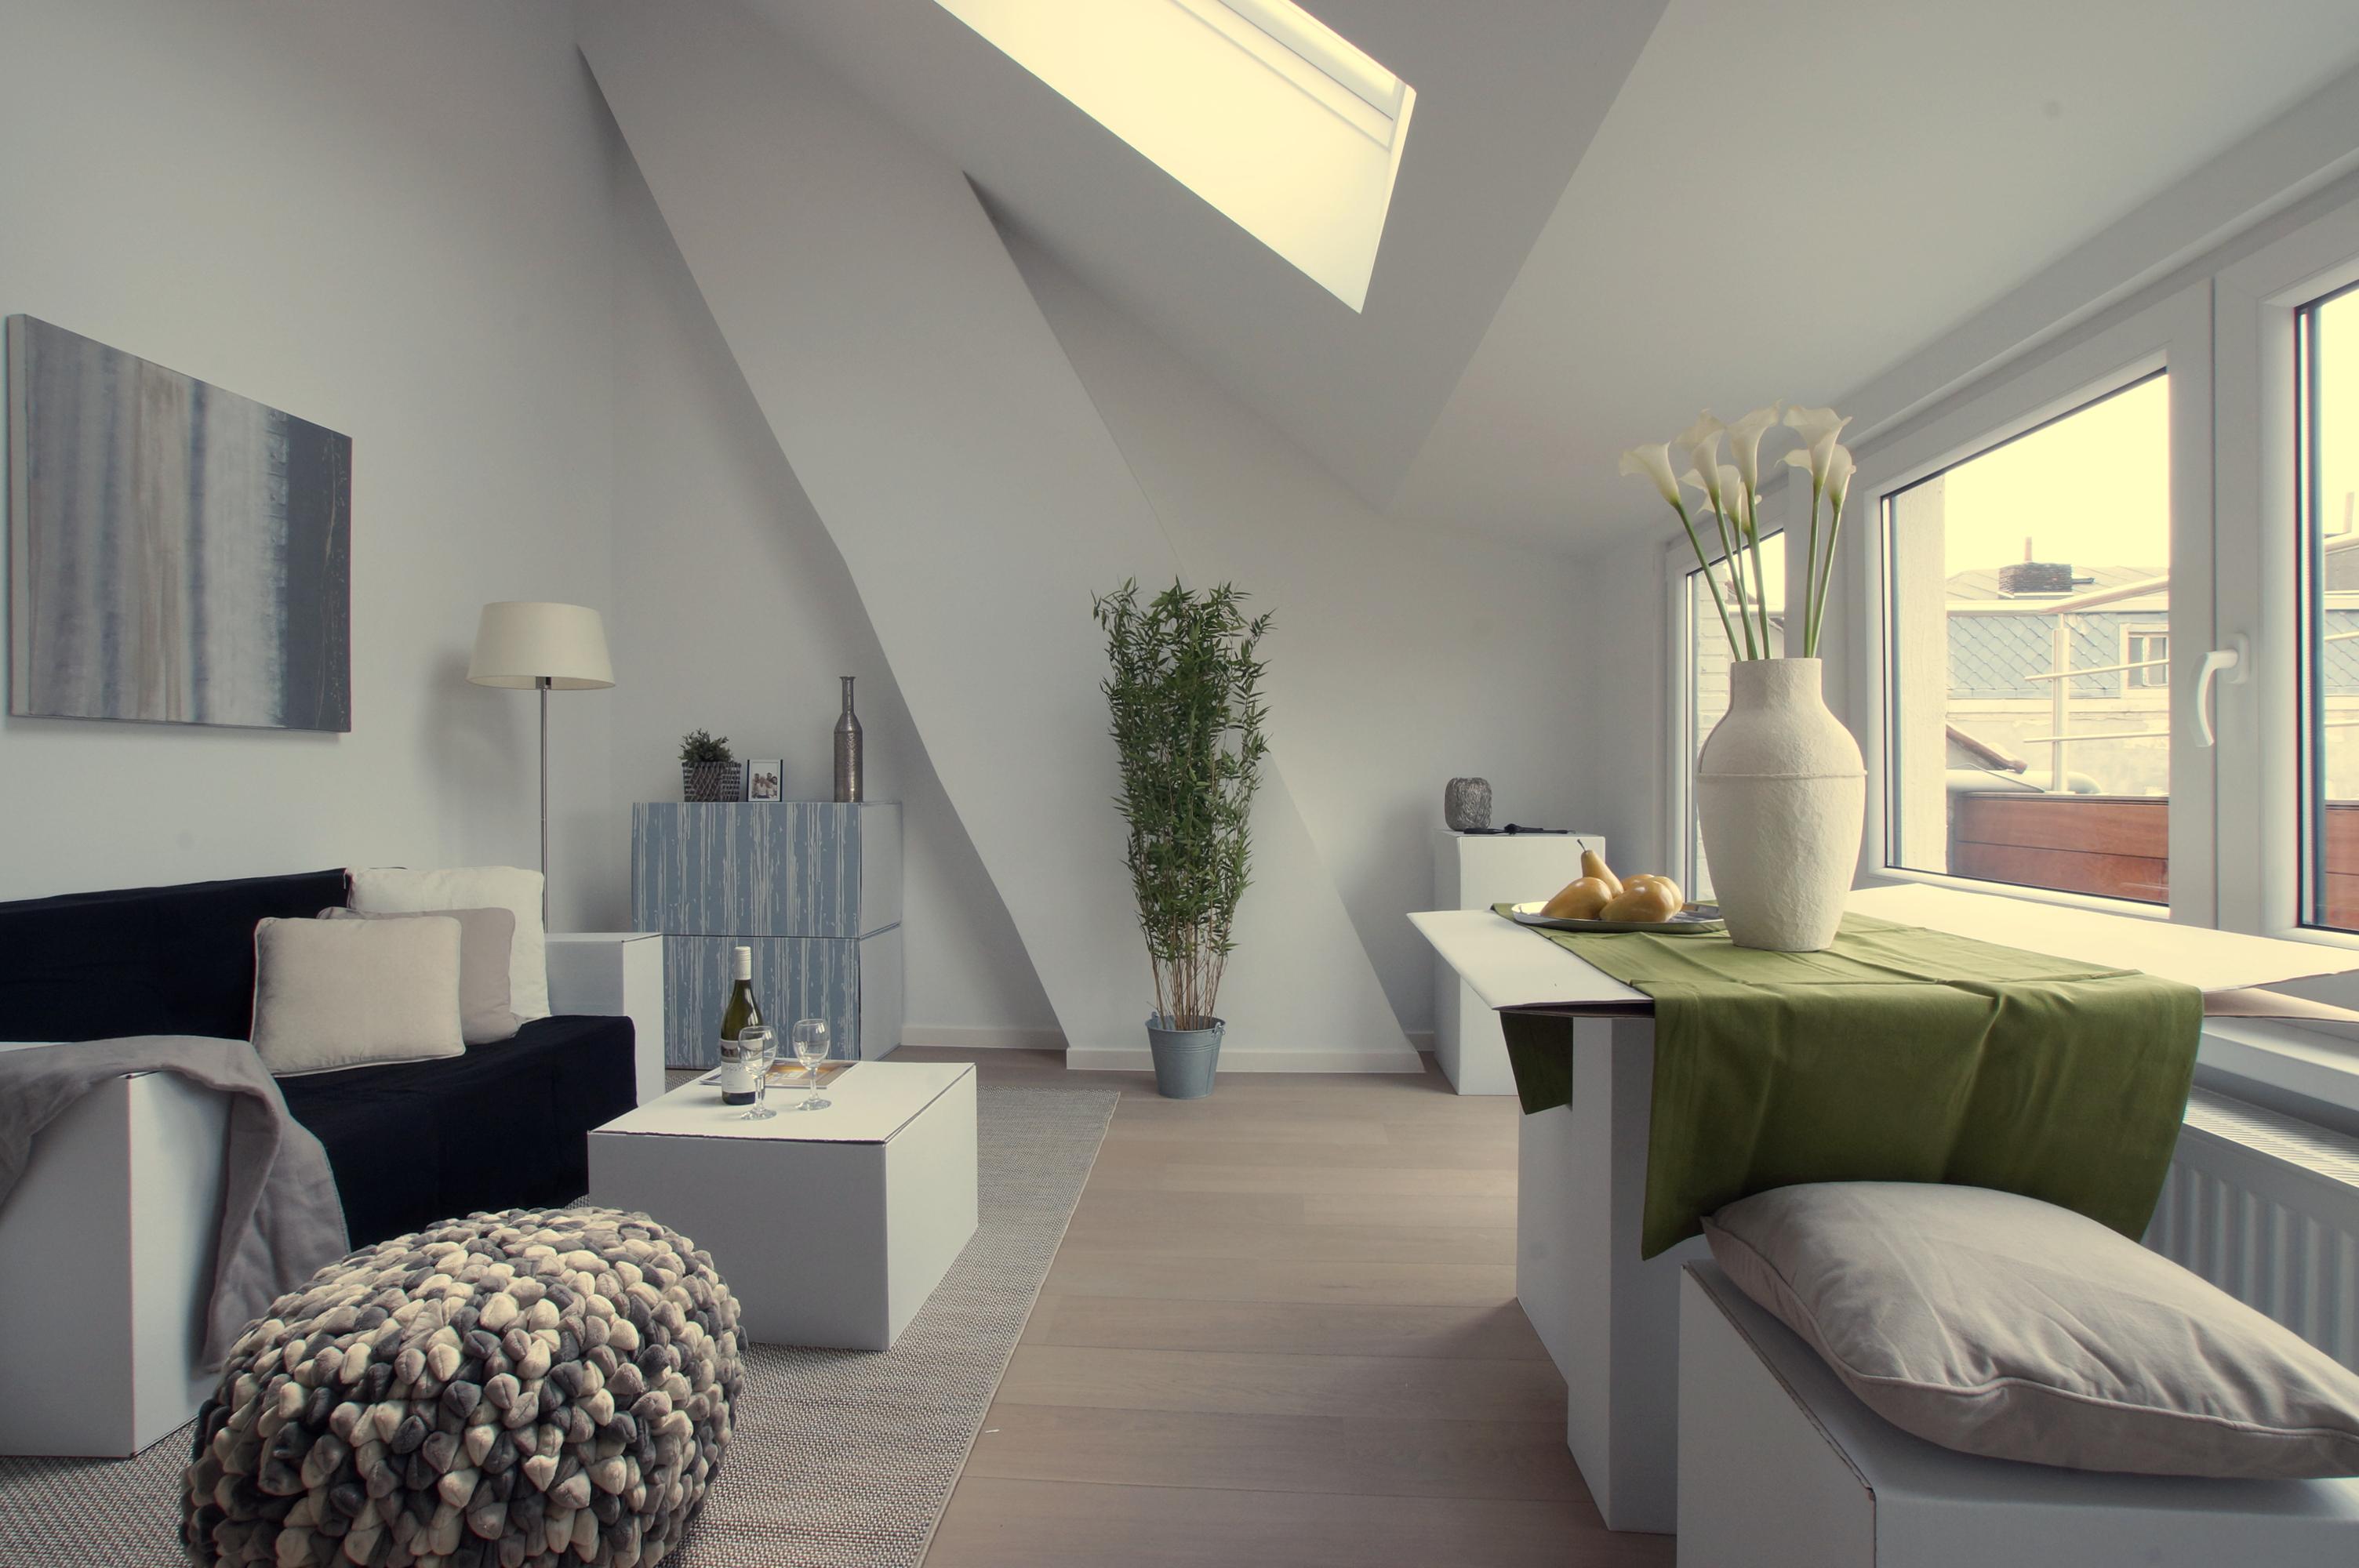 Badkamer Plank Douche ~ Style at Home  Huizen en modelappartementen inrichten om beter te